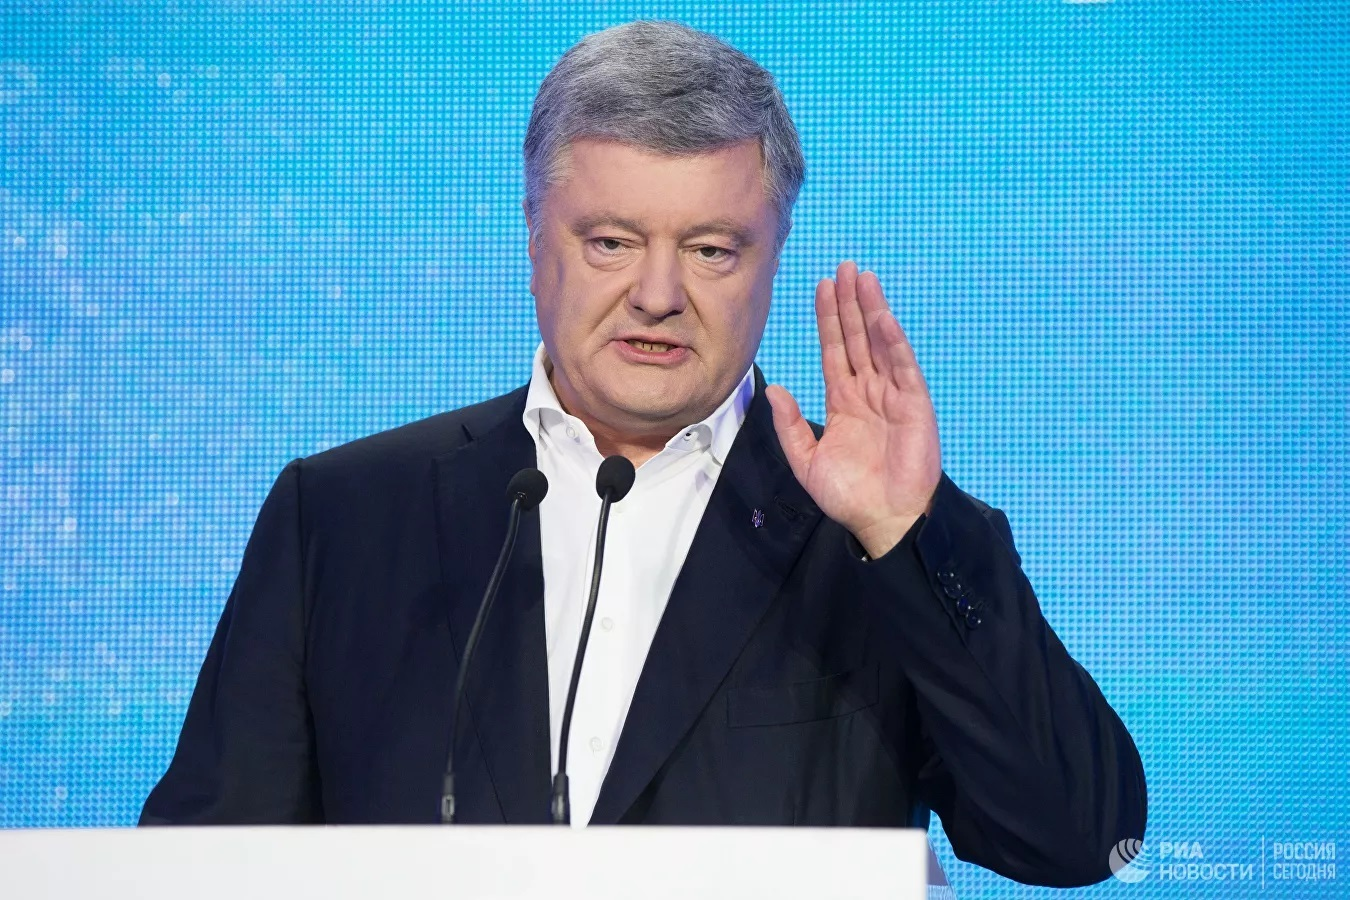 Tiết lộ bí quyết giảm cân của cựu Tổng thống Ukraine Poroshenko